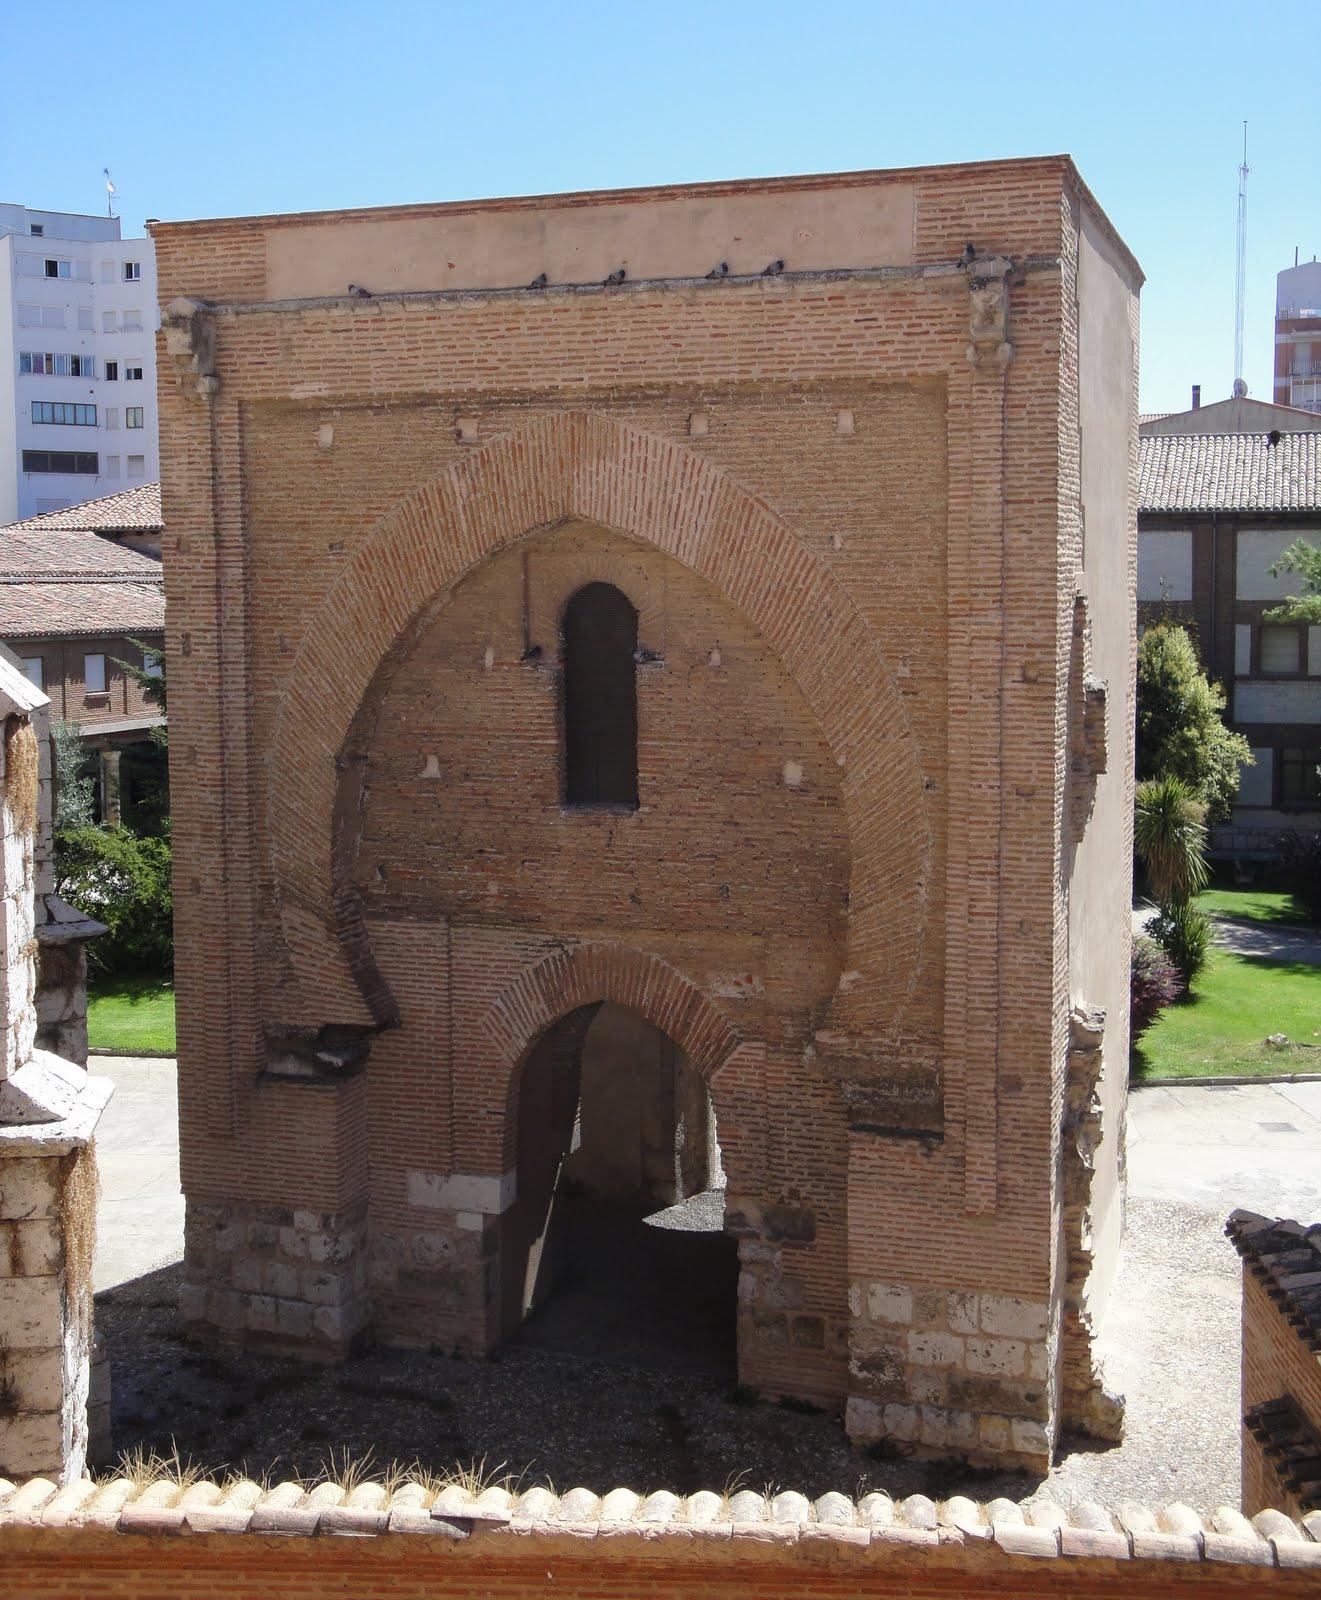 La puerta del palacio de mar a de molina - Puertas en valladolid ...